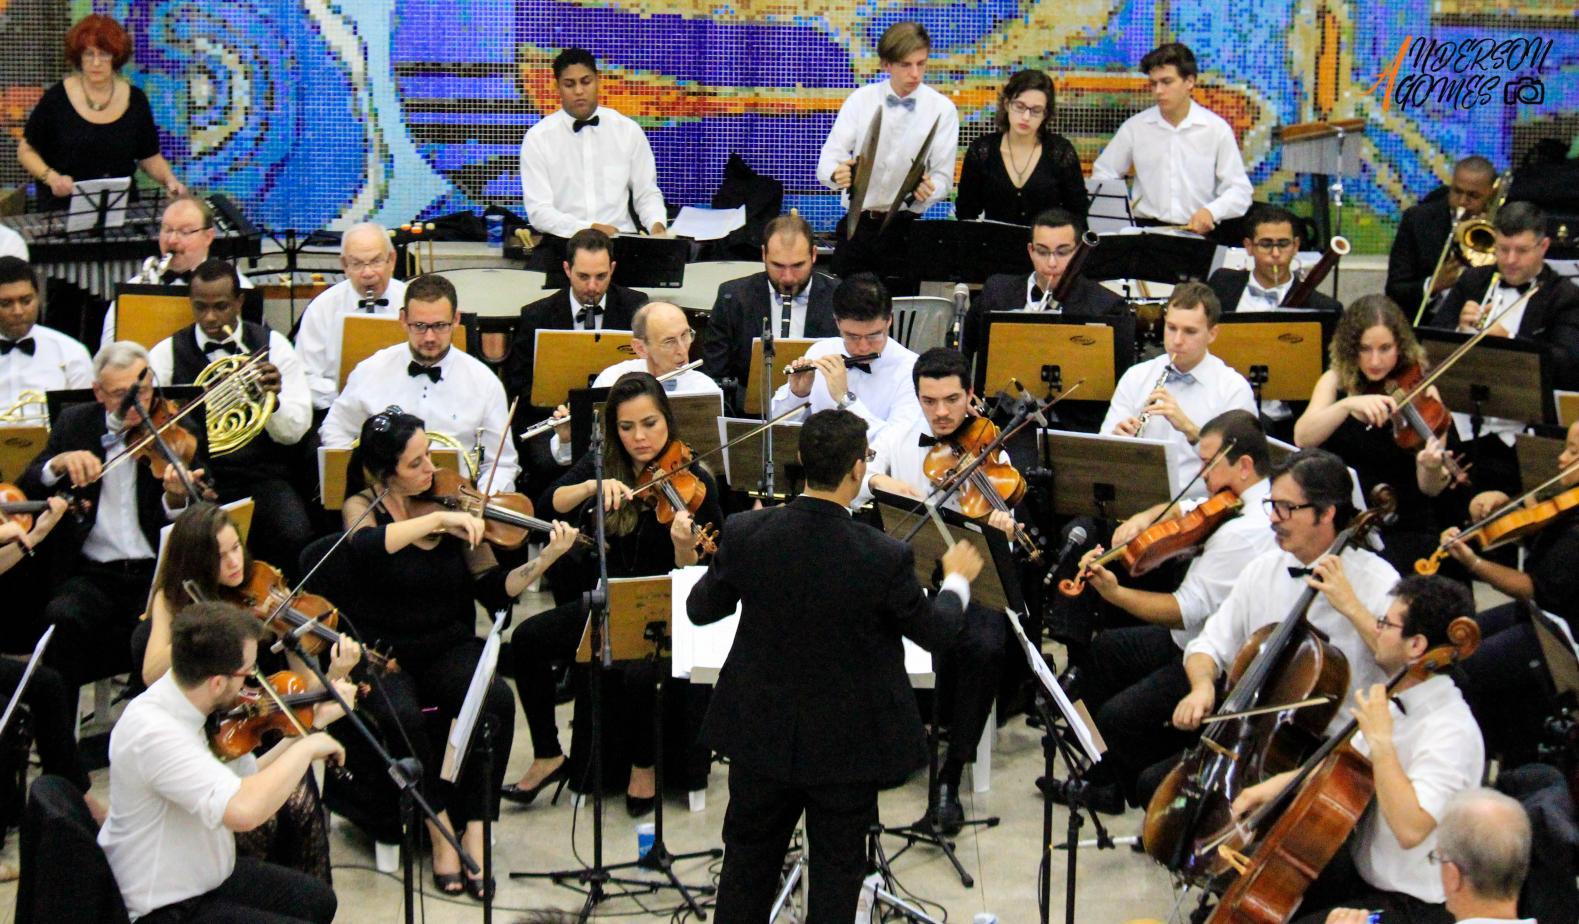 Sá & Guarabyra e Orquestra Sinfônica se apresentam no dia 14 de junho